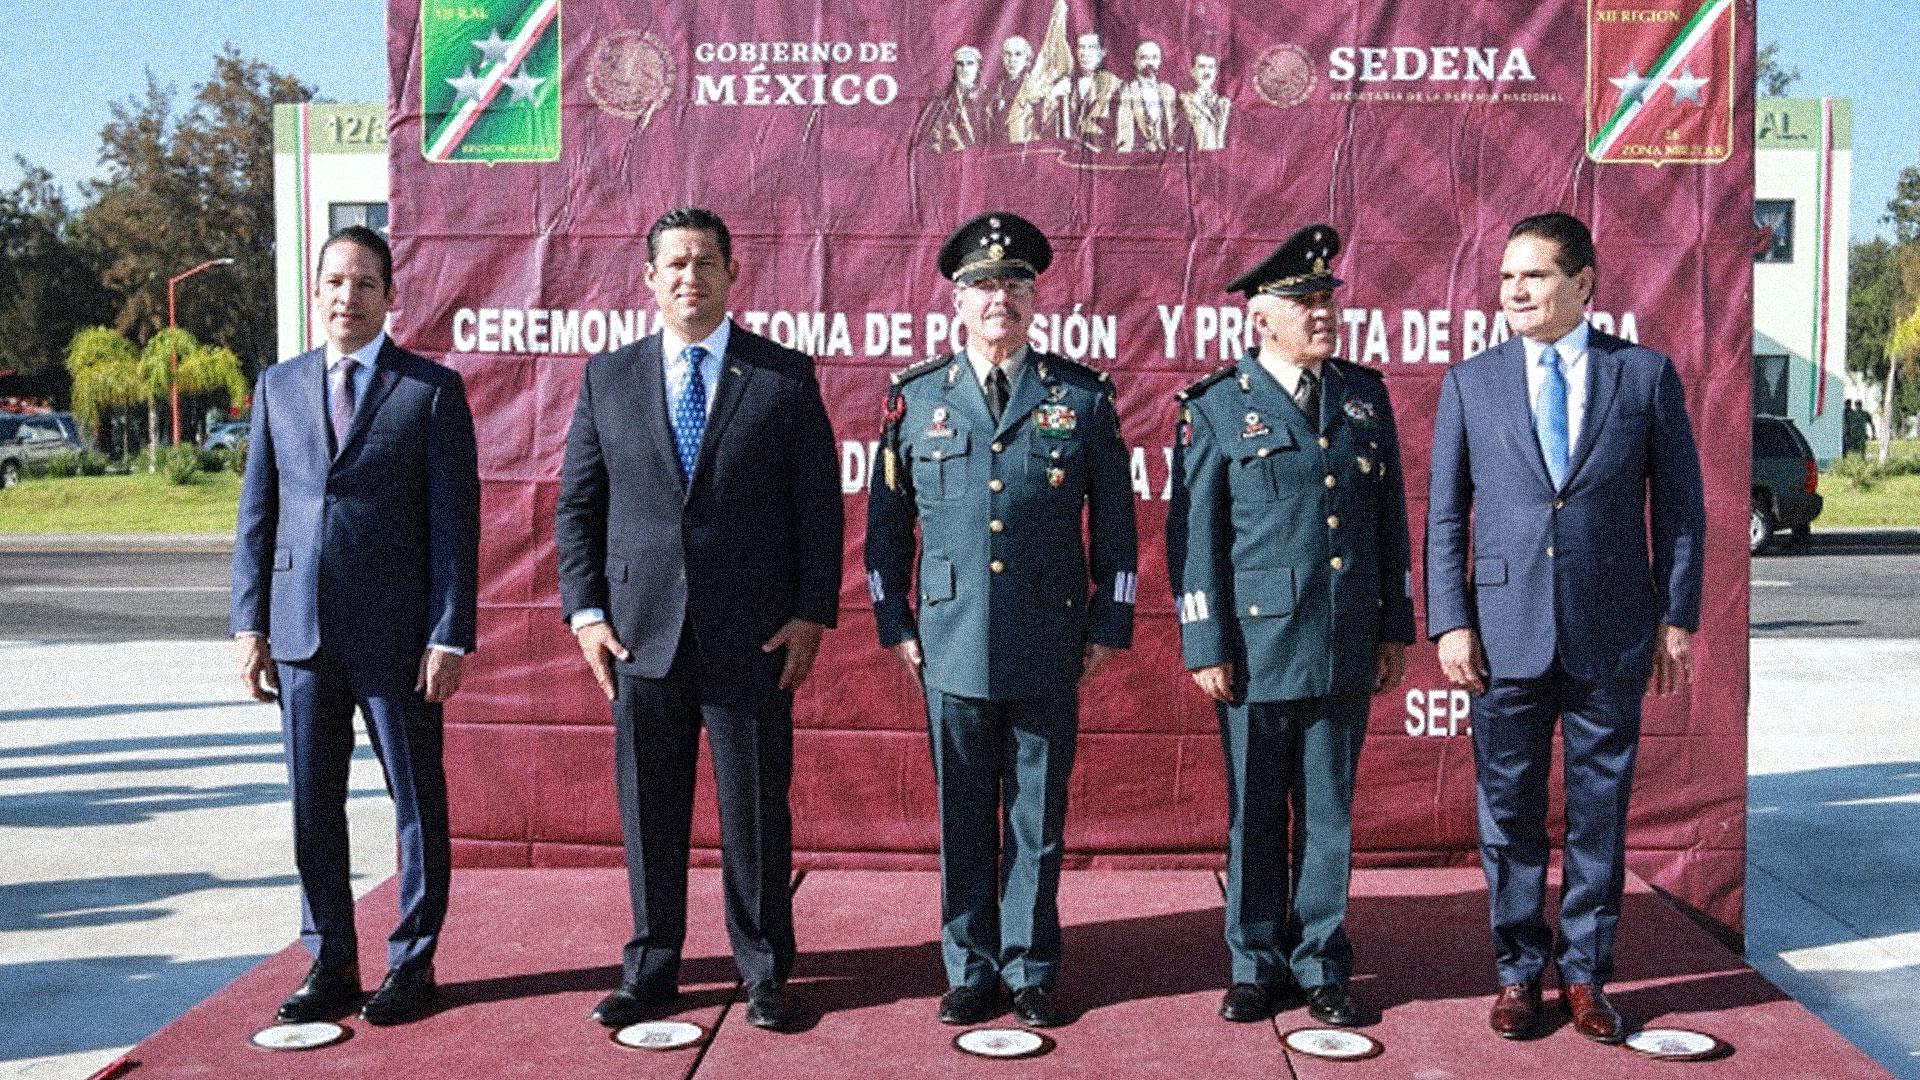 Pancho Domínguez, gobernador del estado de Querétaro (primero de izquierda a derecha) y Silvano Aureoles, gobernador del estado de Michoacán (primero de derecha a izquierda) no han apoyado al gobierno de Diego Sinhue y al gobierno federal para desarticular al Cártel de Santa Rosa de Lima. Foto tomada durante la ceremonia de cambio de mando de la XII Región Militar de Irapuato y distribuida por la SEDENA.